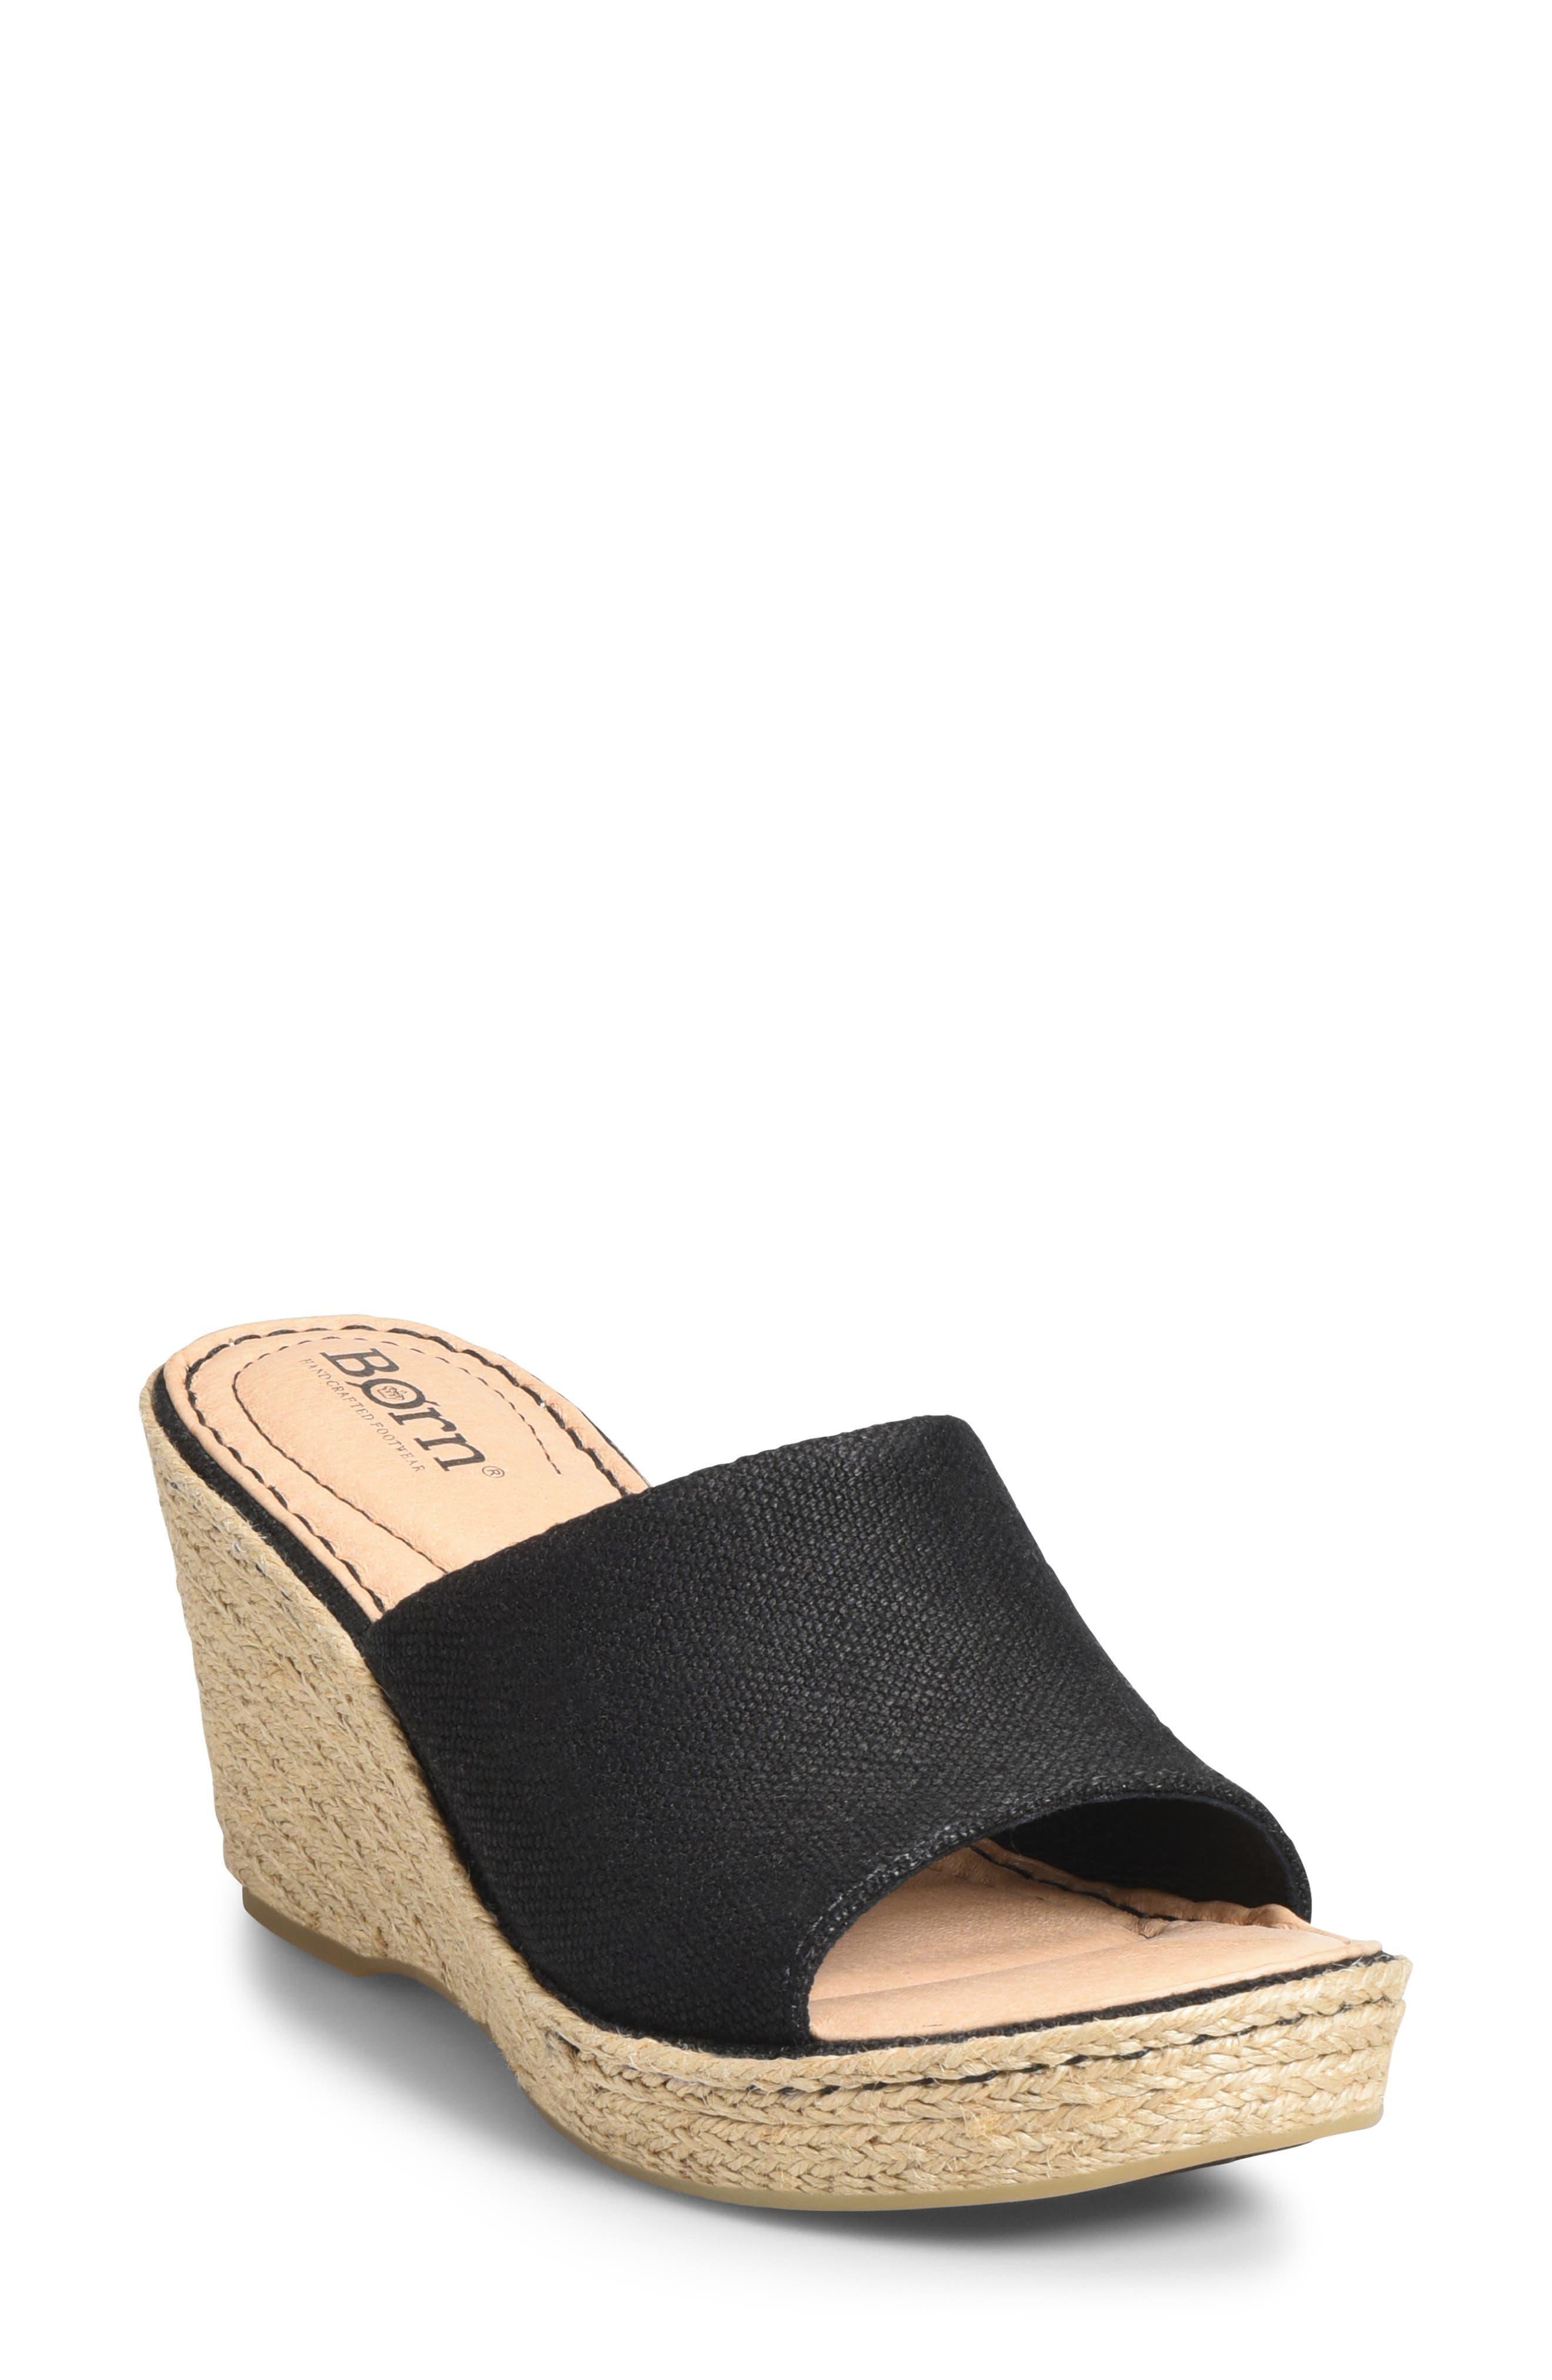 B?rn Missoula Wedge Sandal, Black